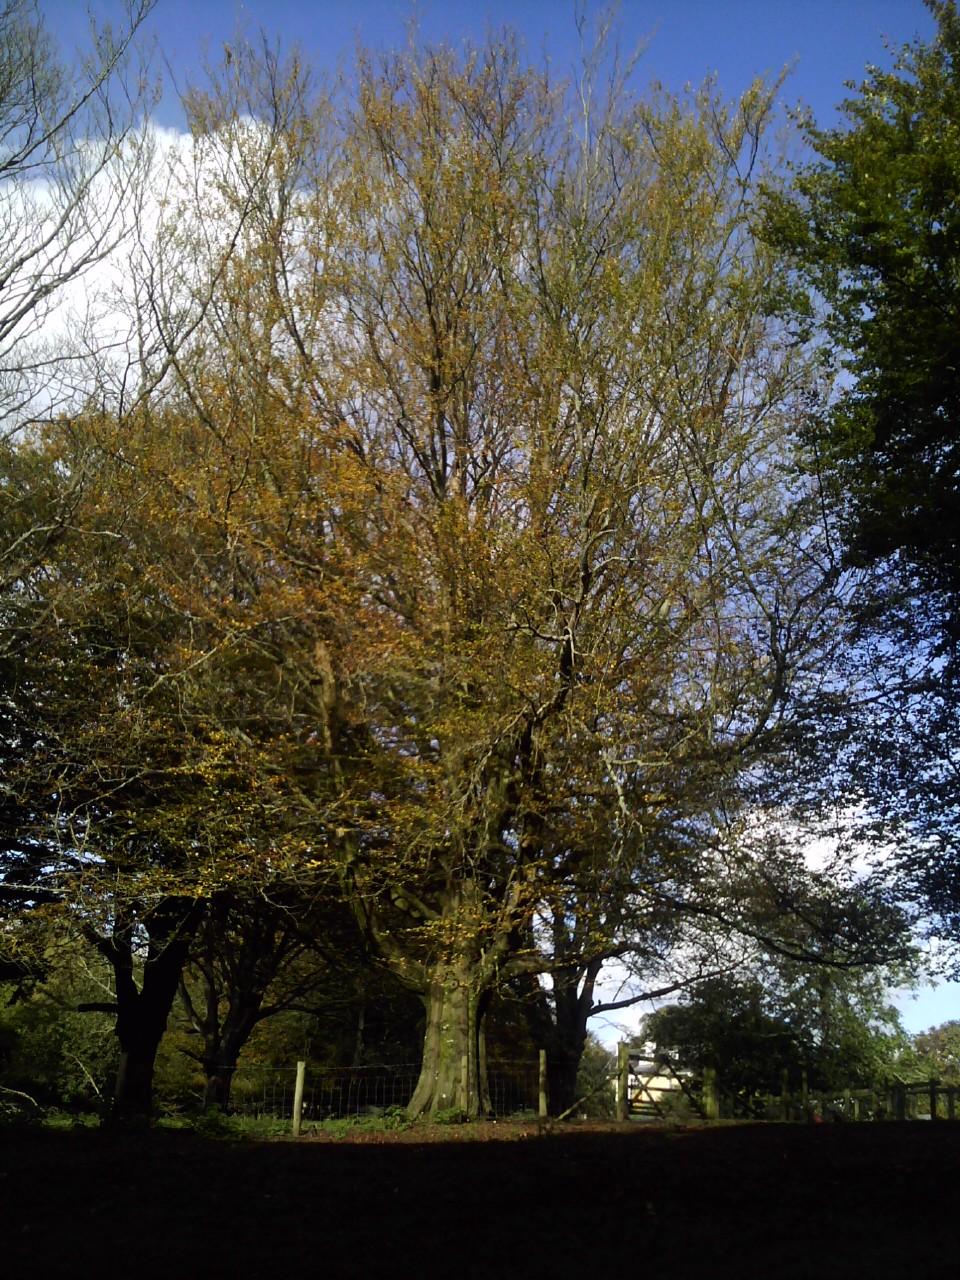 Autumn Tree by Little-leopard